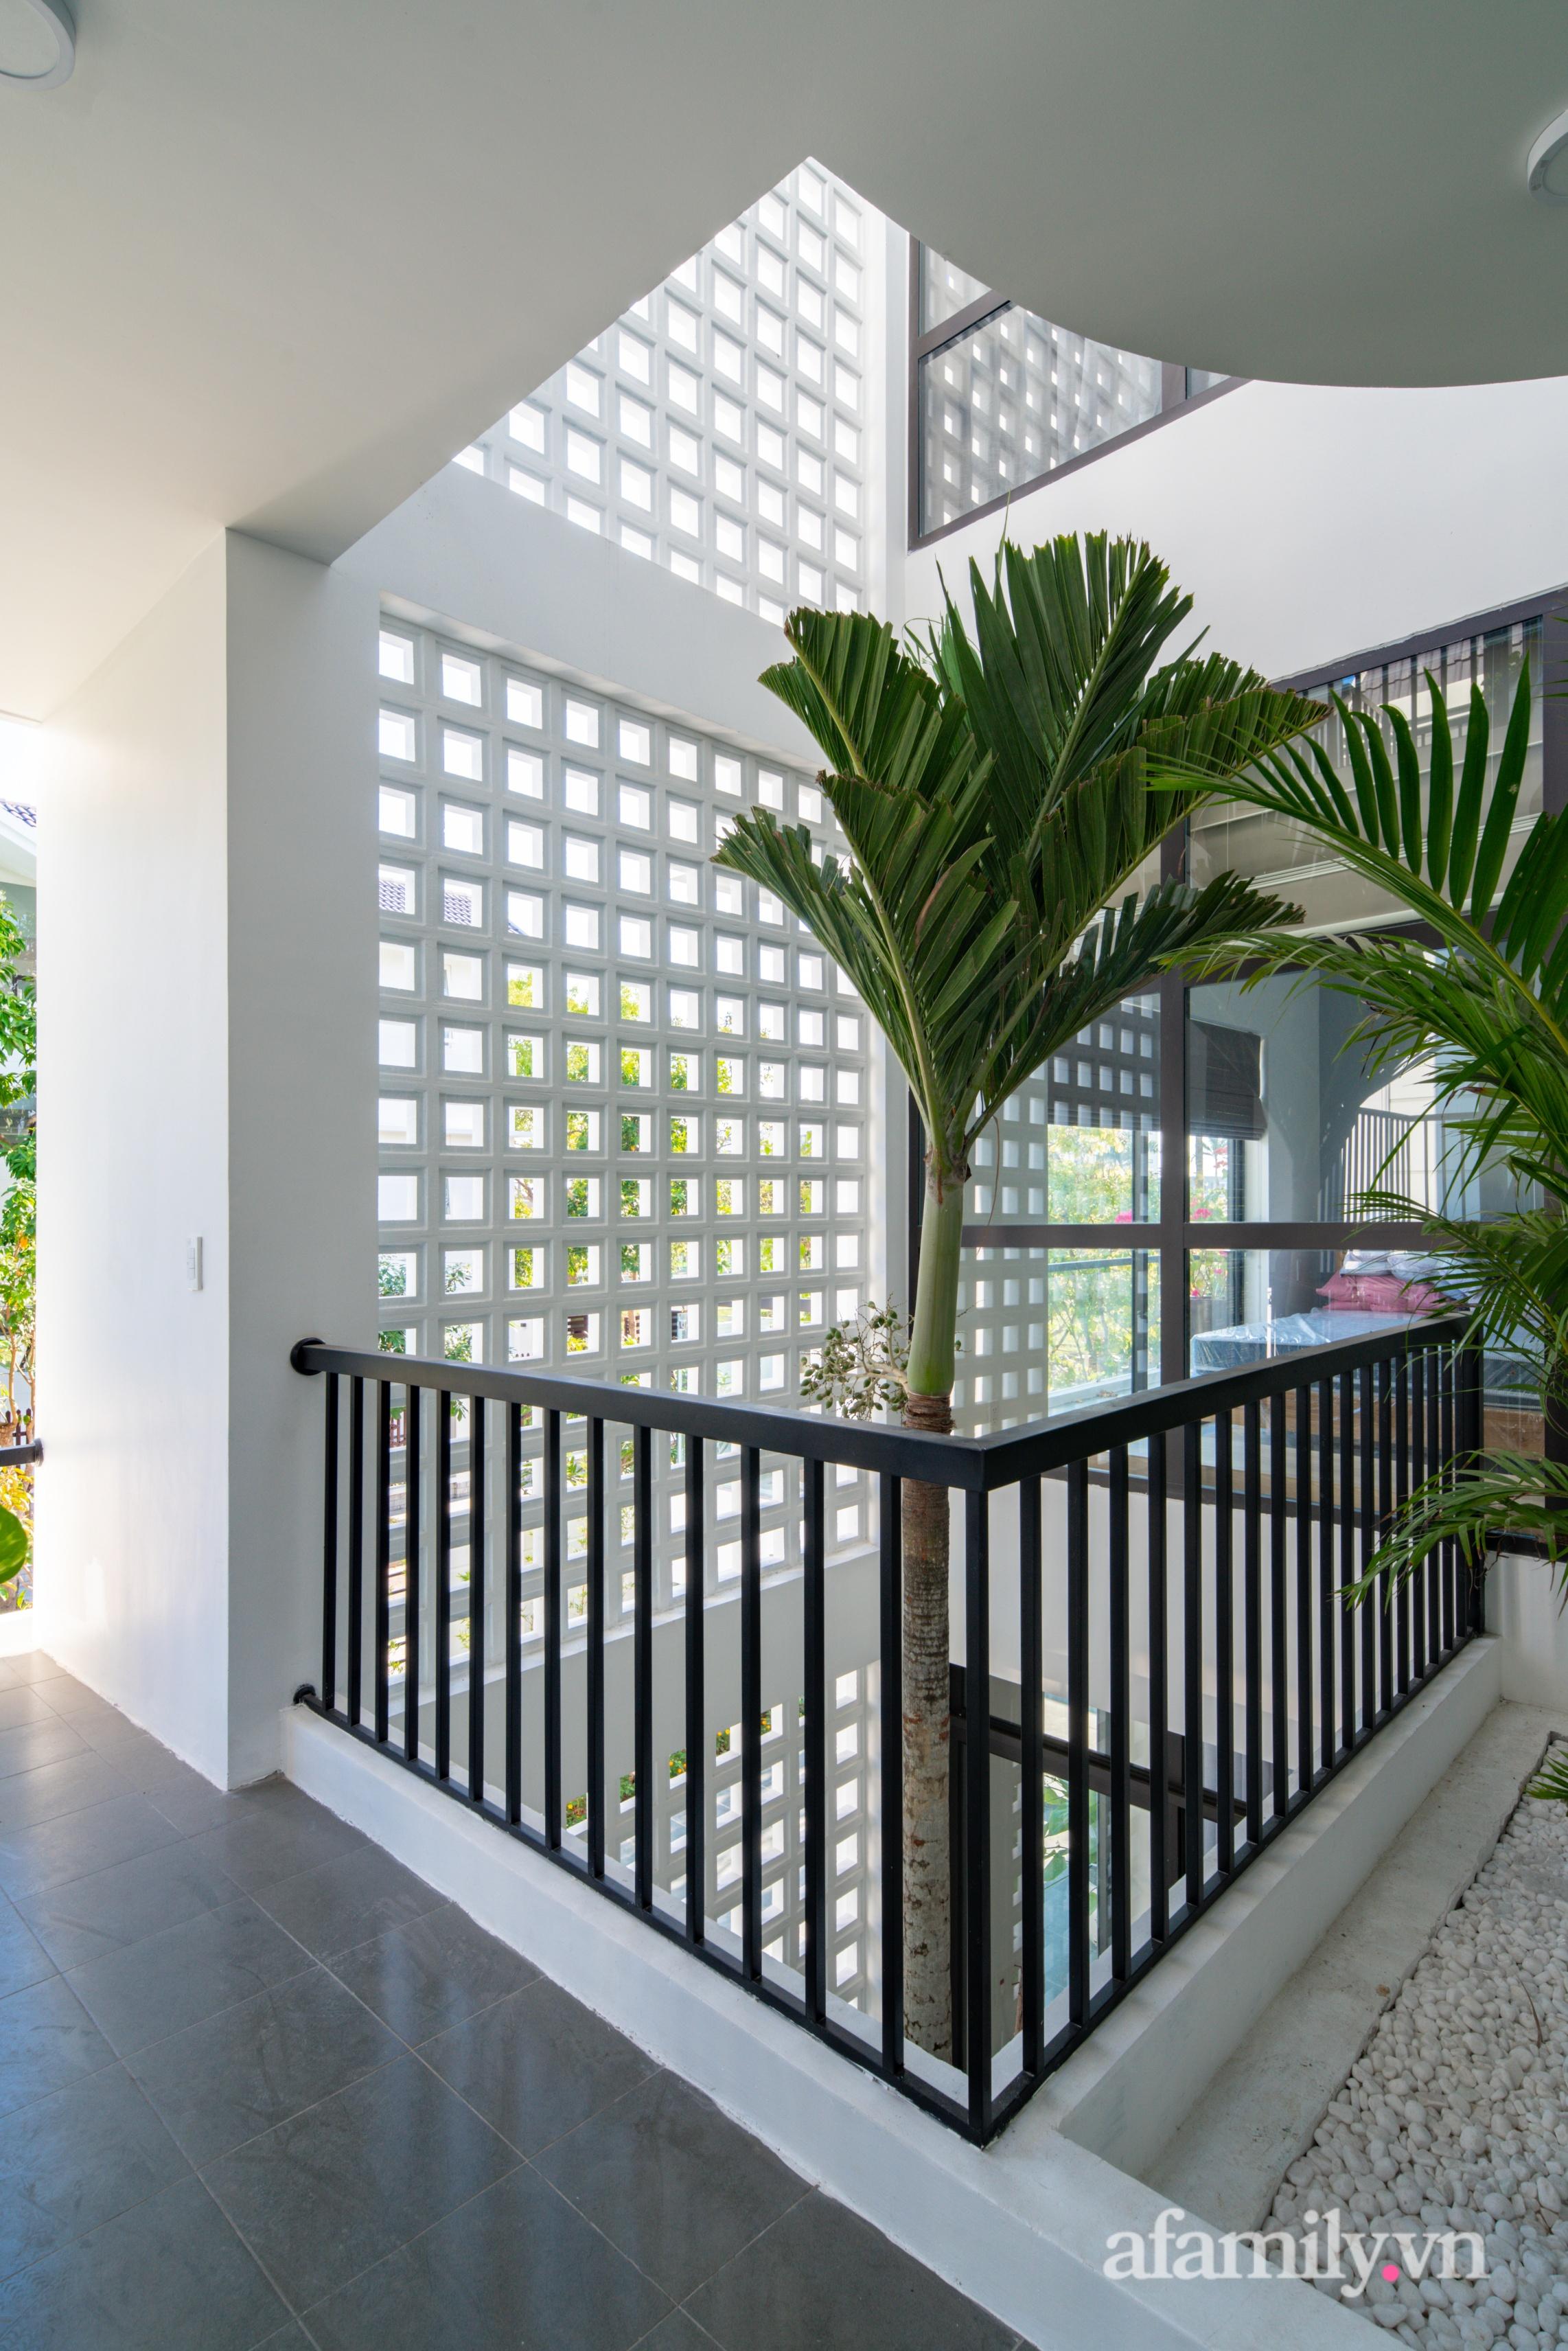 """Nhà phố """"ghi điểm"""" tuyệt đối nhờ thiết kế không gian gần gũi với thiên nhiên ở Hải Phòng - Ảnh 9."""